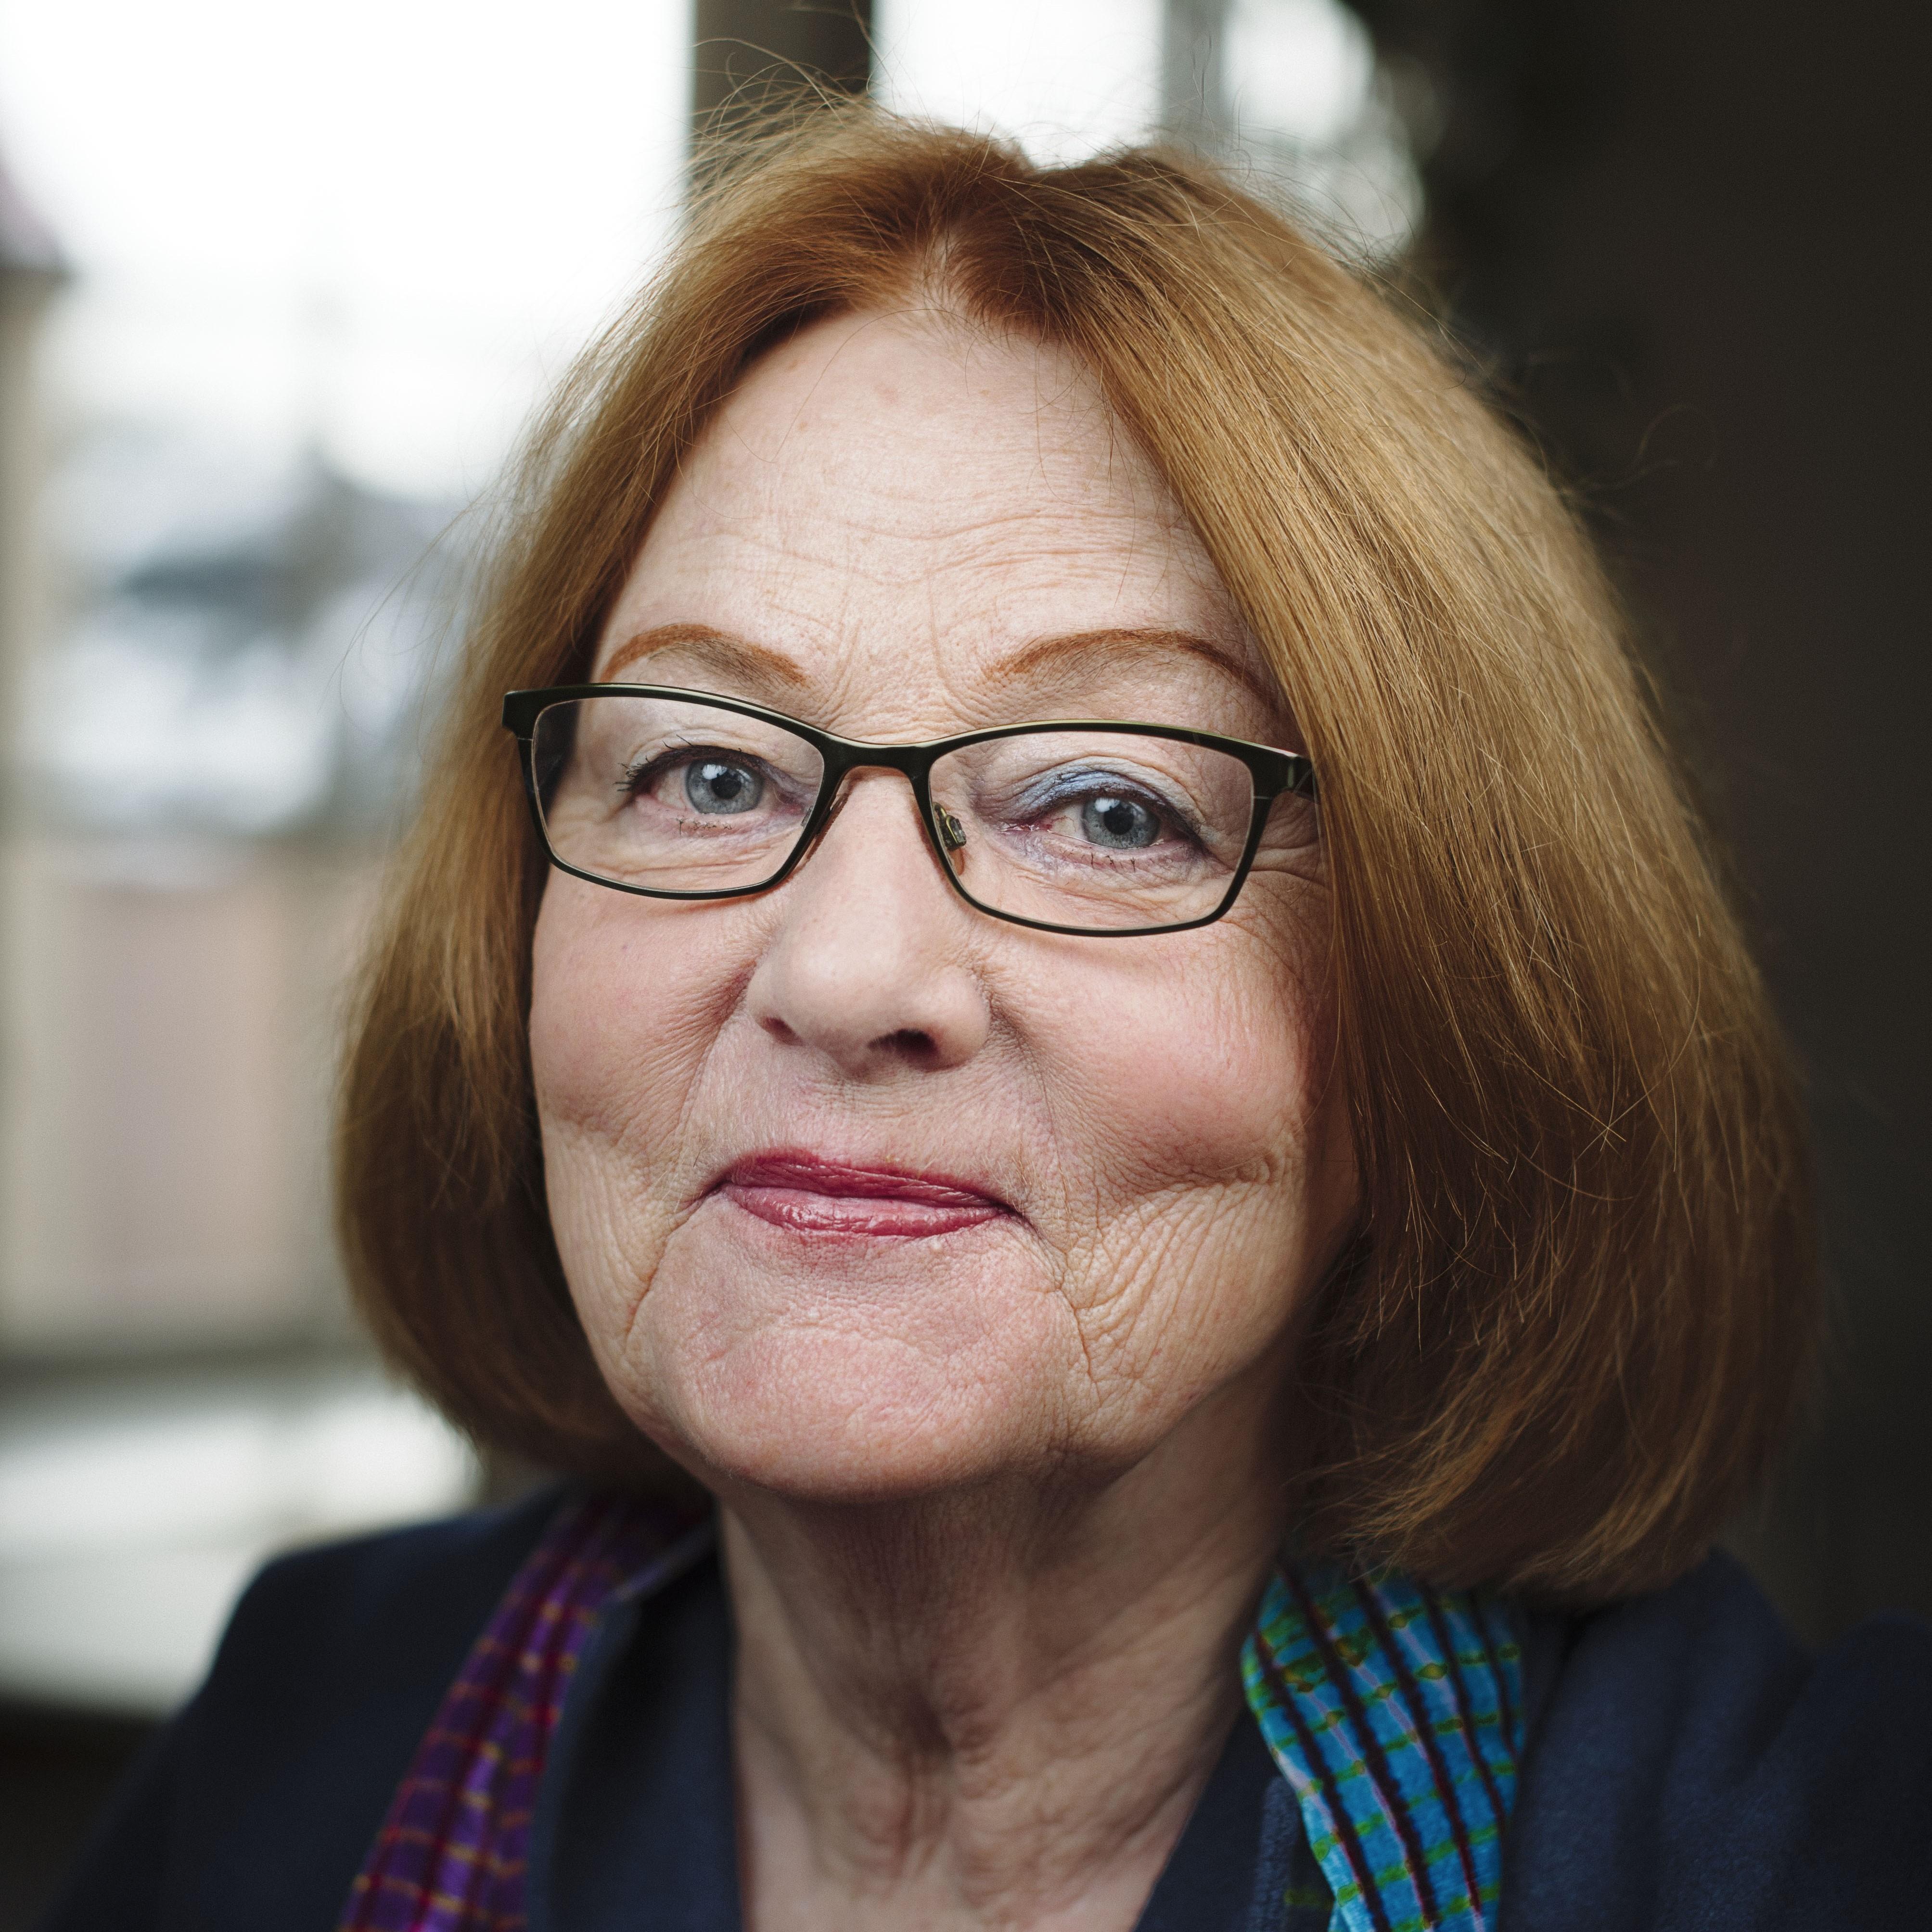 Onsdagsklubb 15 nov Görel Cavalli Björkman: Sigrid Hjertén - Kvinna i avantgardet